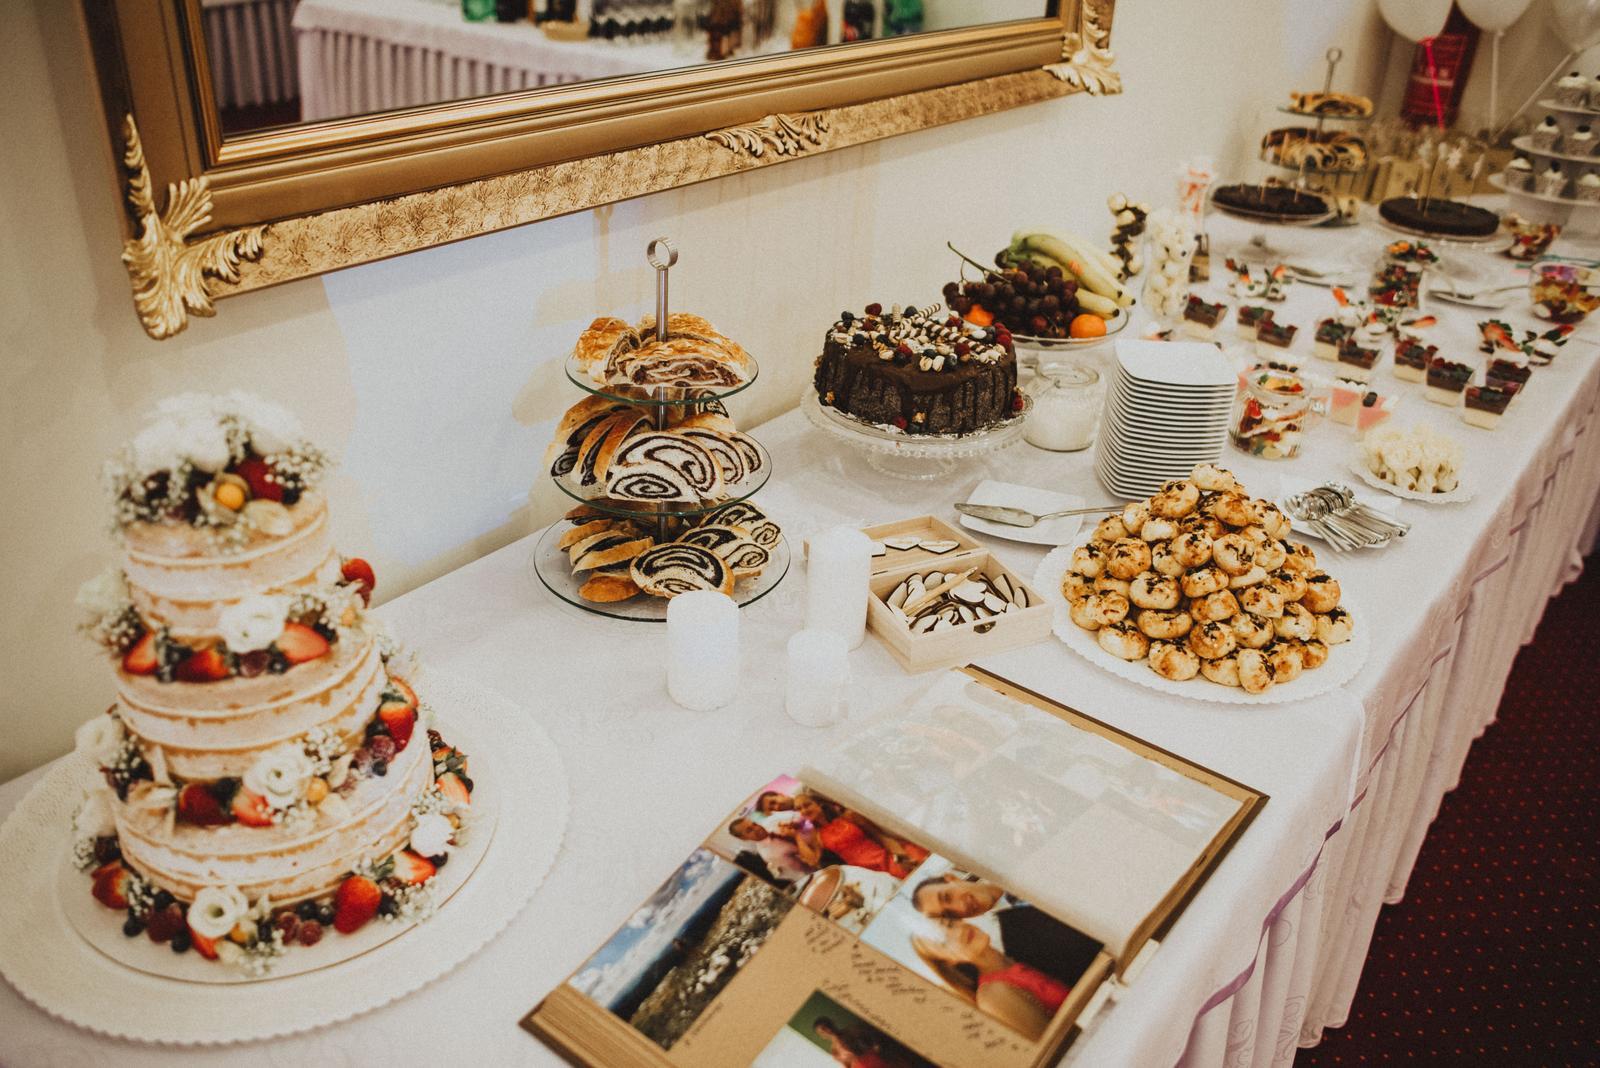 Tatranská zimná svadba - sami sme si robili catering. poschoduv tortu mame od profesionalky a makovú tortu spravila moja teta.